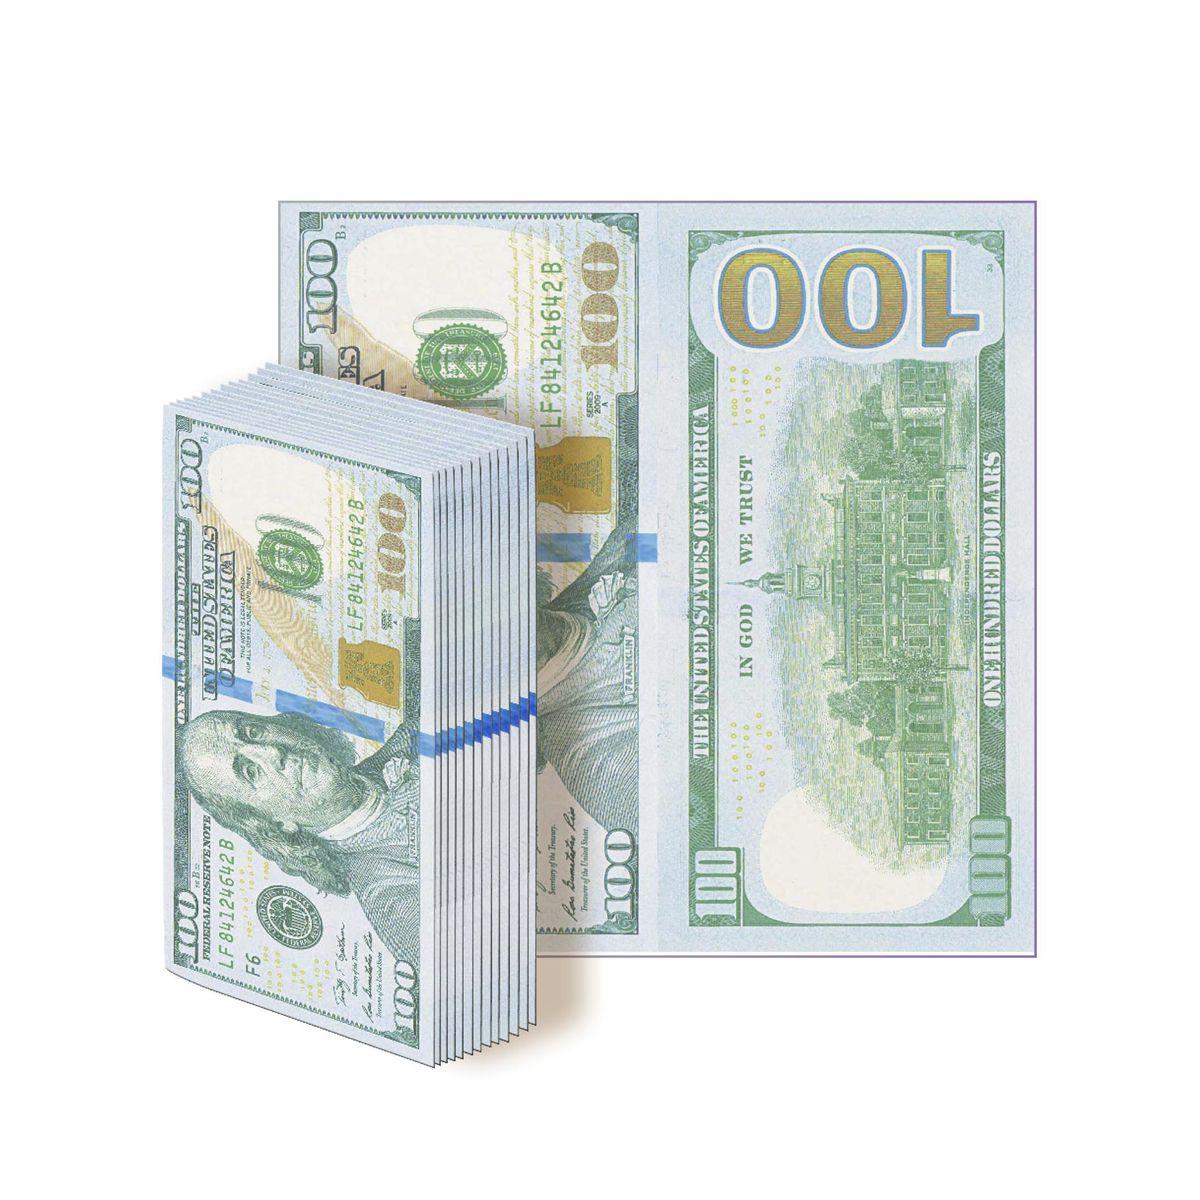 Салфетки бумажные Gratias  100 долларов, трехслойные, 33 см91639